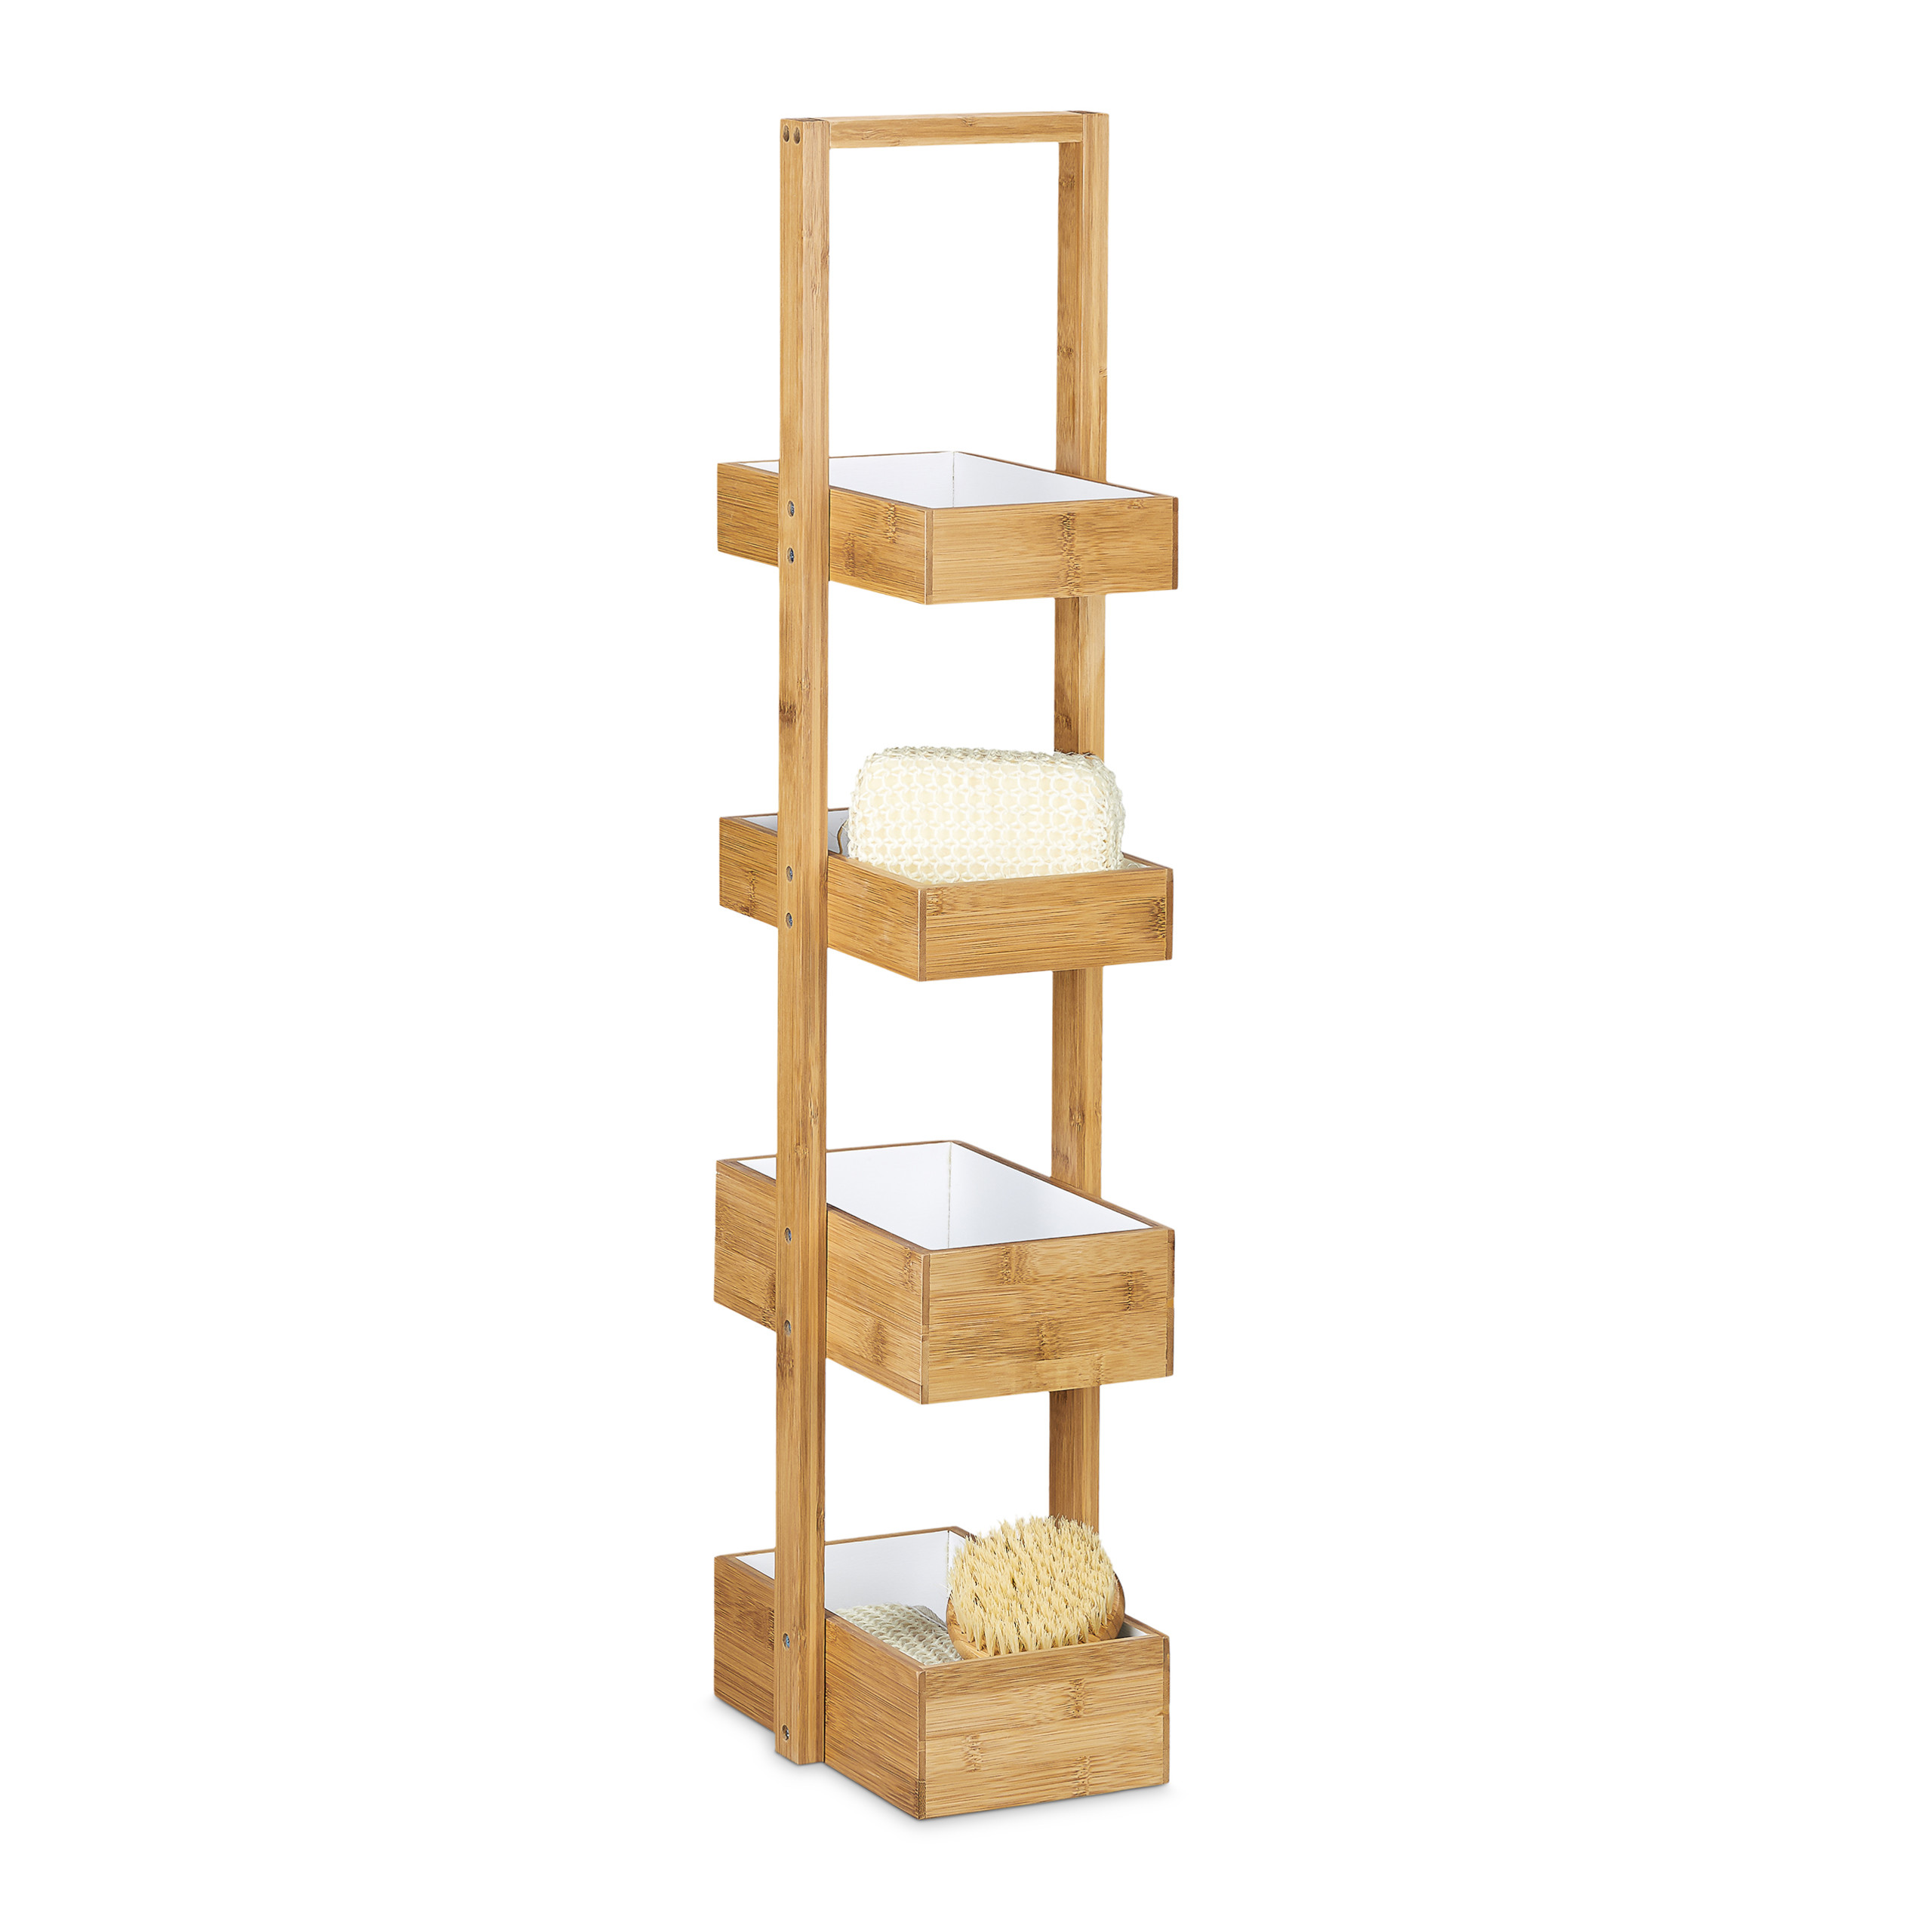 Étagère salle de bain bambou 3 étages panier corbeille meuble 4 ...